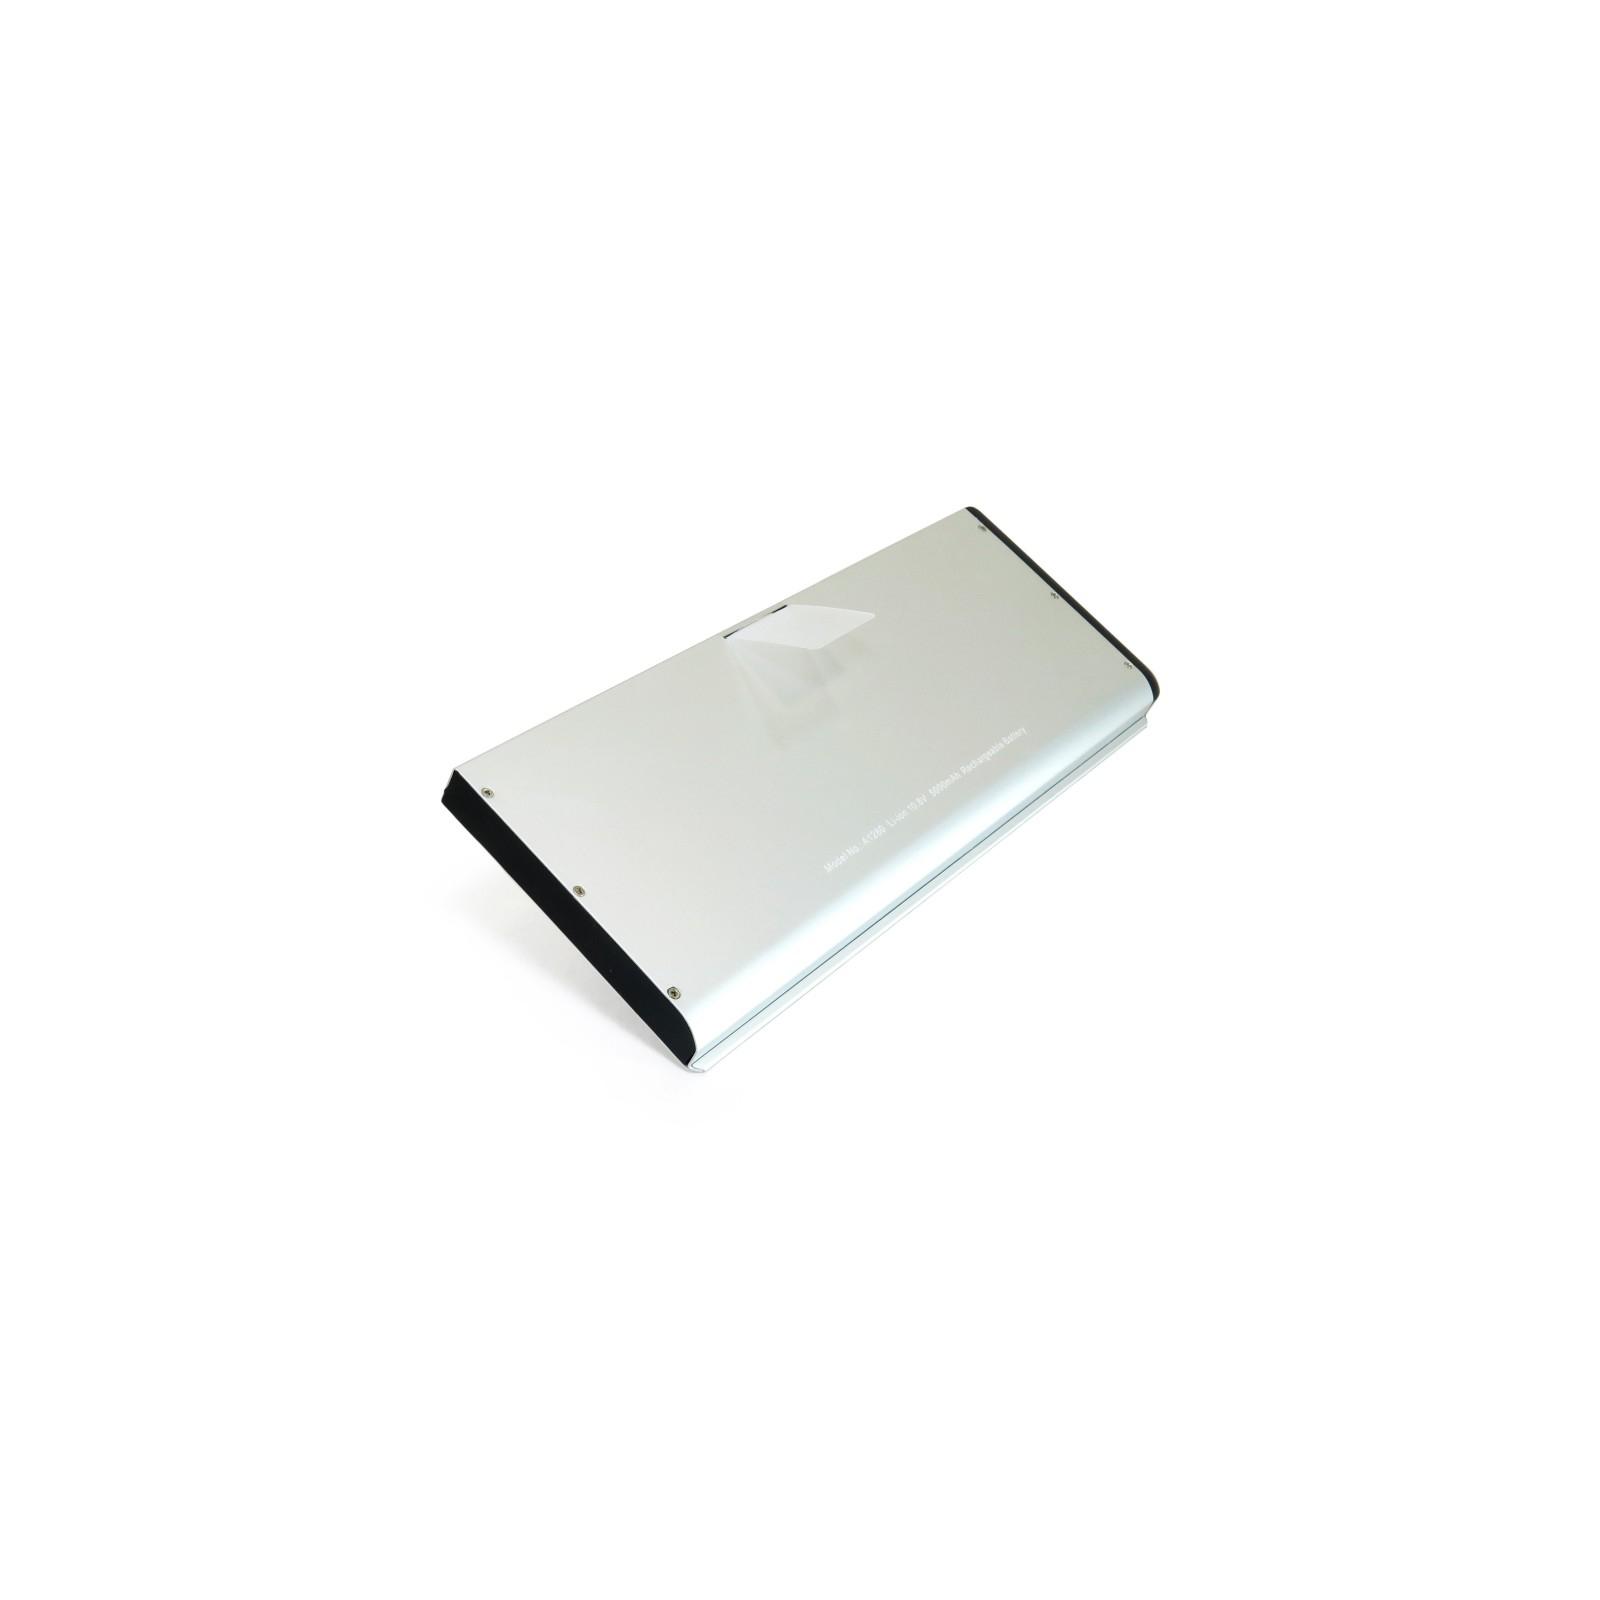 Аккумулятор для ноутбука APPLE A1280 (5000 mAh) EXTRADIGITAL (BNA3902) изображение 2